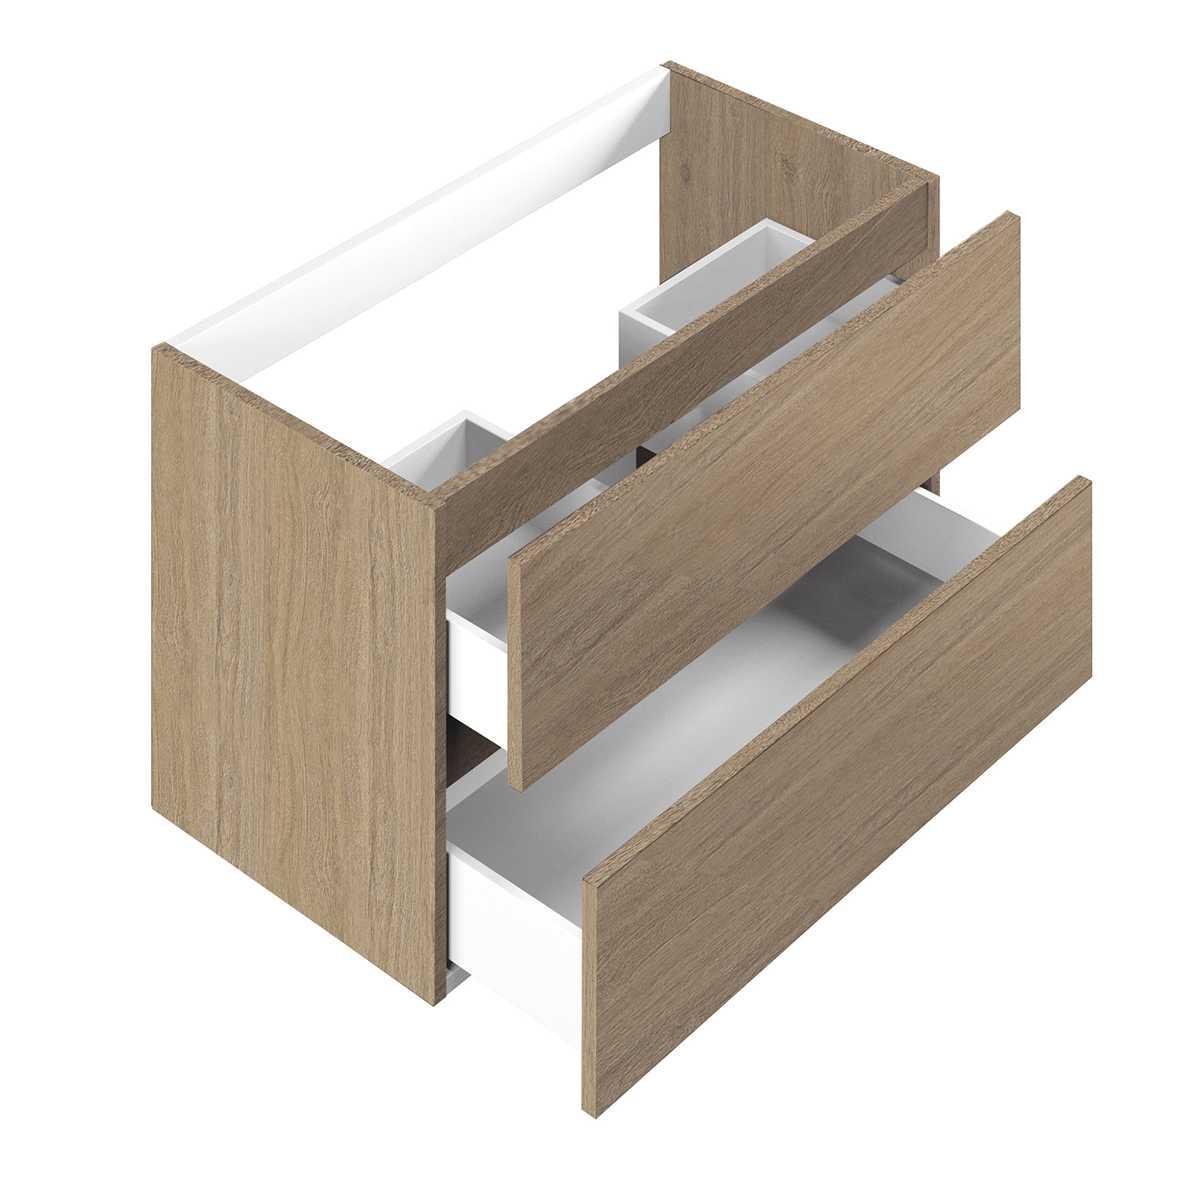 Base per lavabo integrato Ponsi serie Smile H 50 x P 45,5 x L 79,5 cm Foto 1